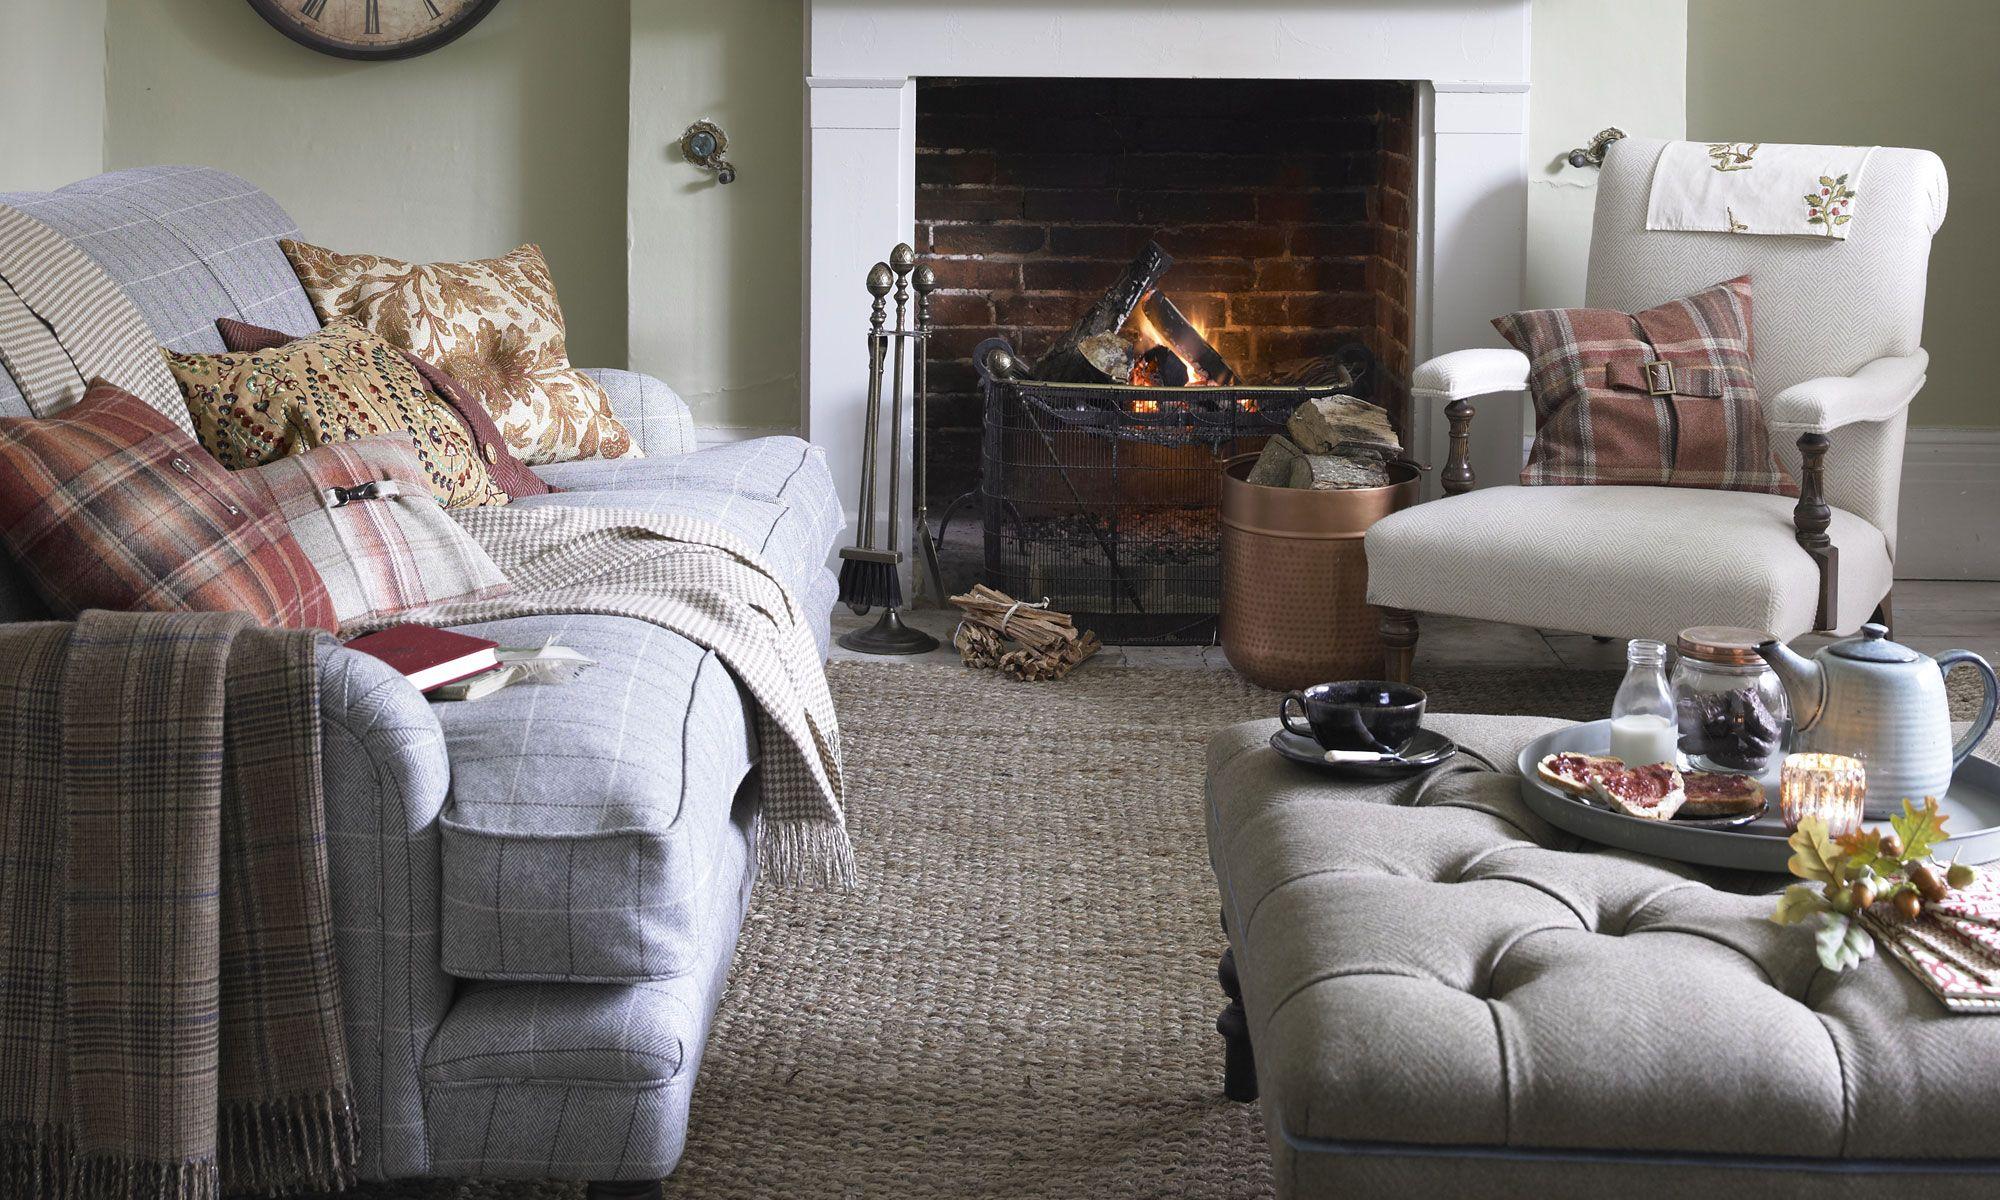 Interieur farbgestaltung des raumes traditionelle wohnzimmer möbel  wenn sie die art von person die zu